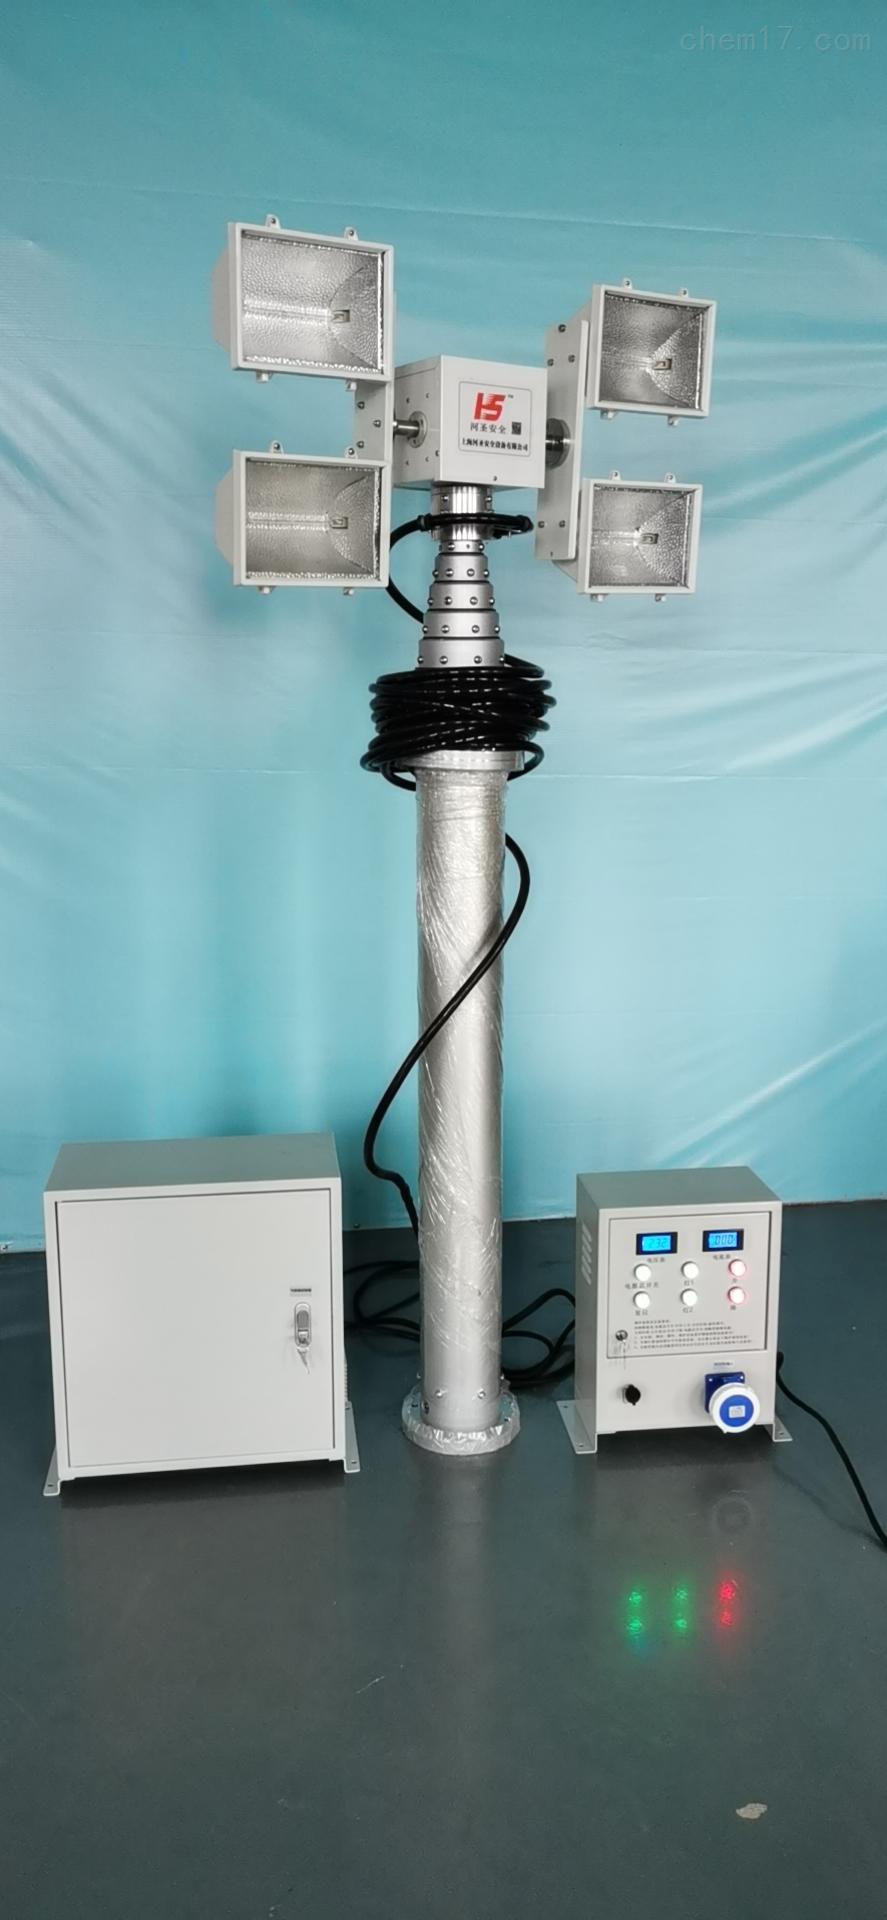 电源车辆升降灯,2.5米移动照明系统,*